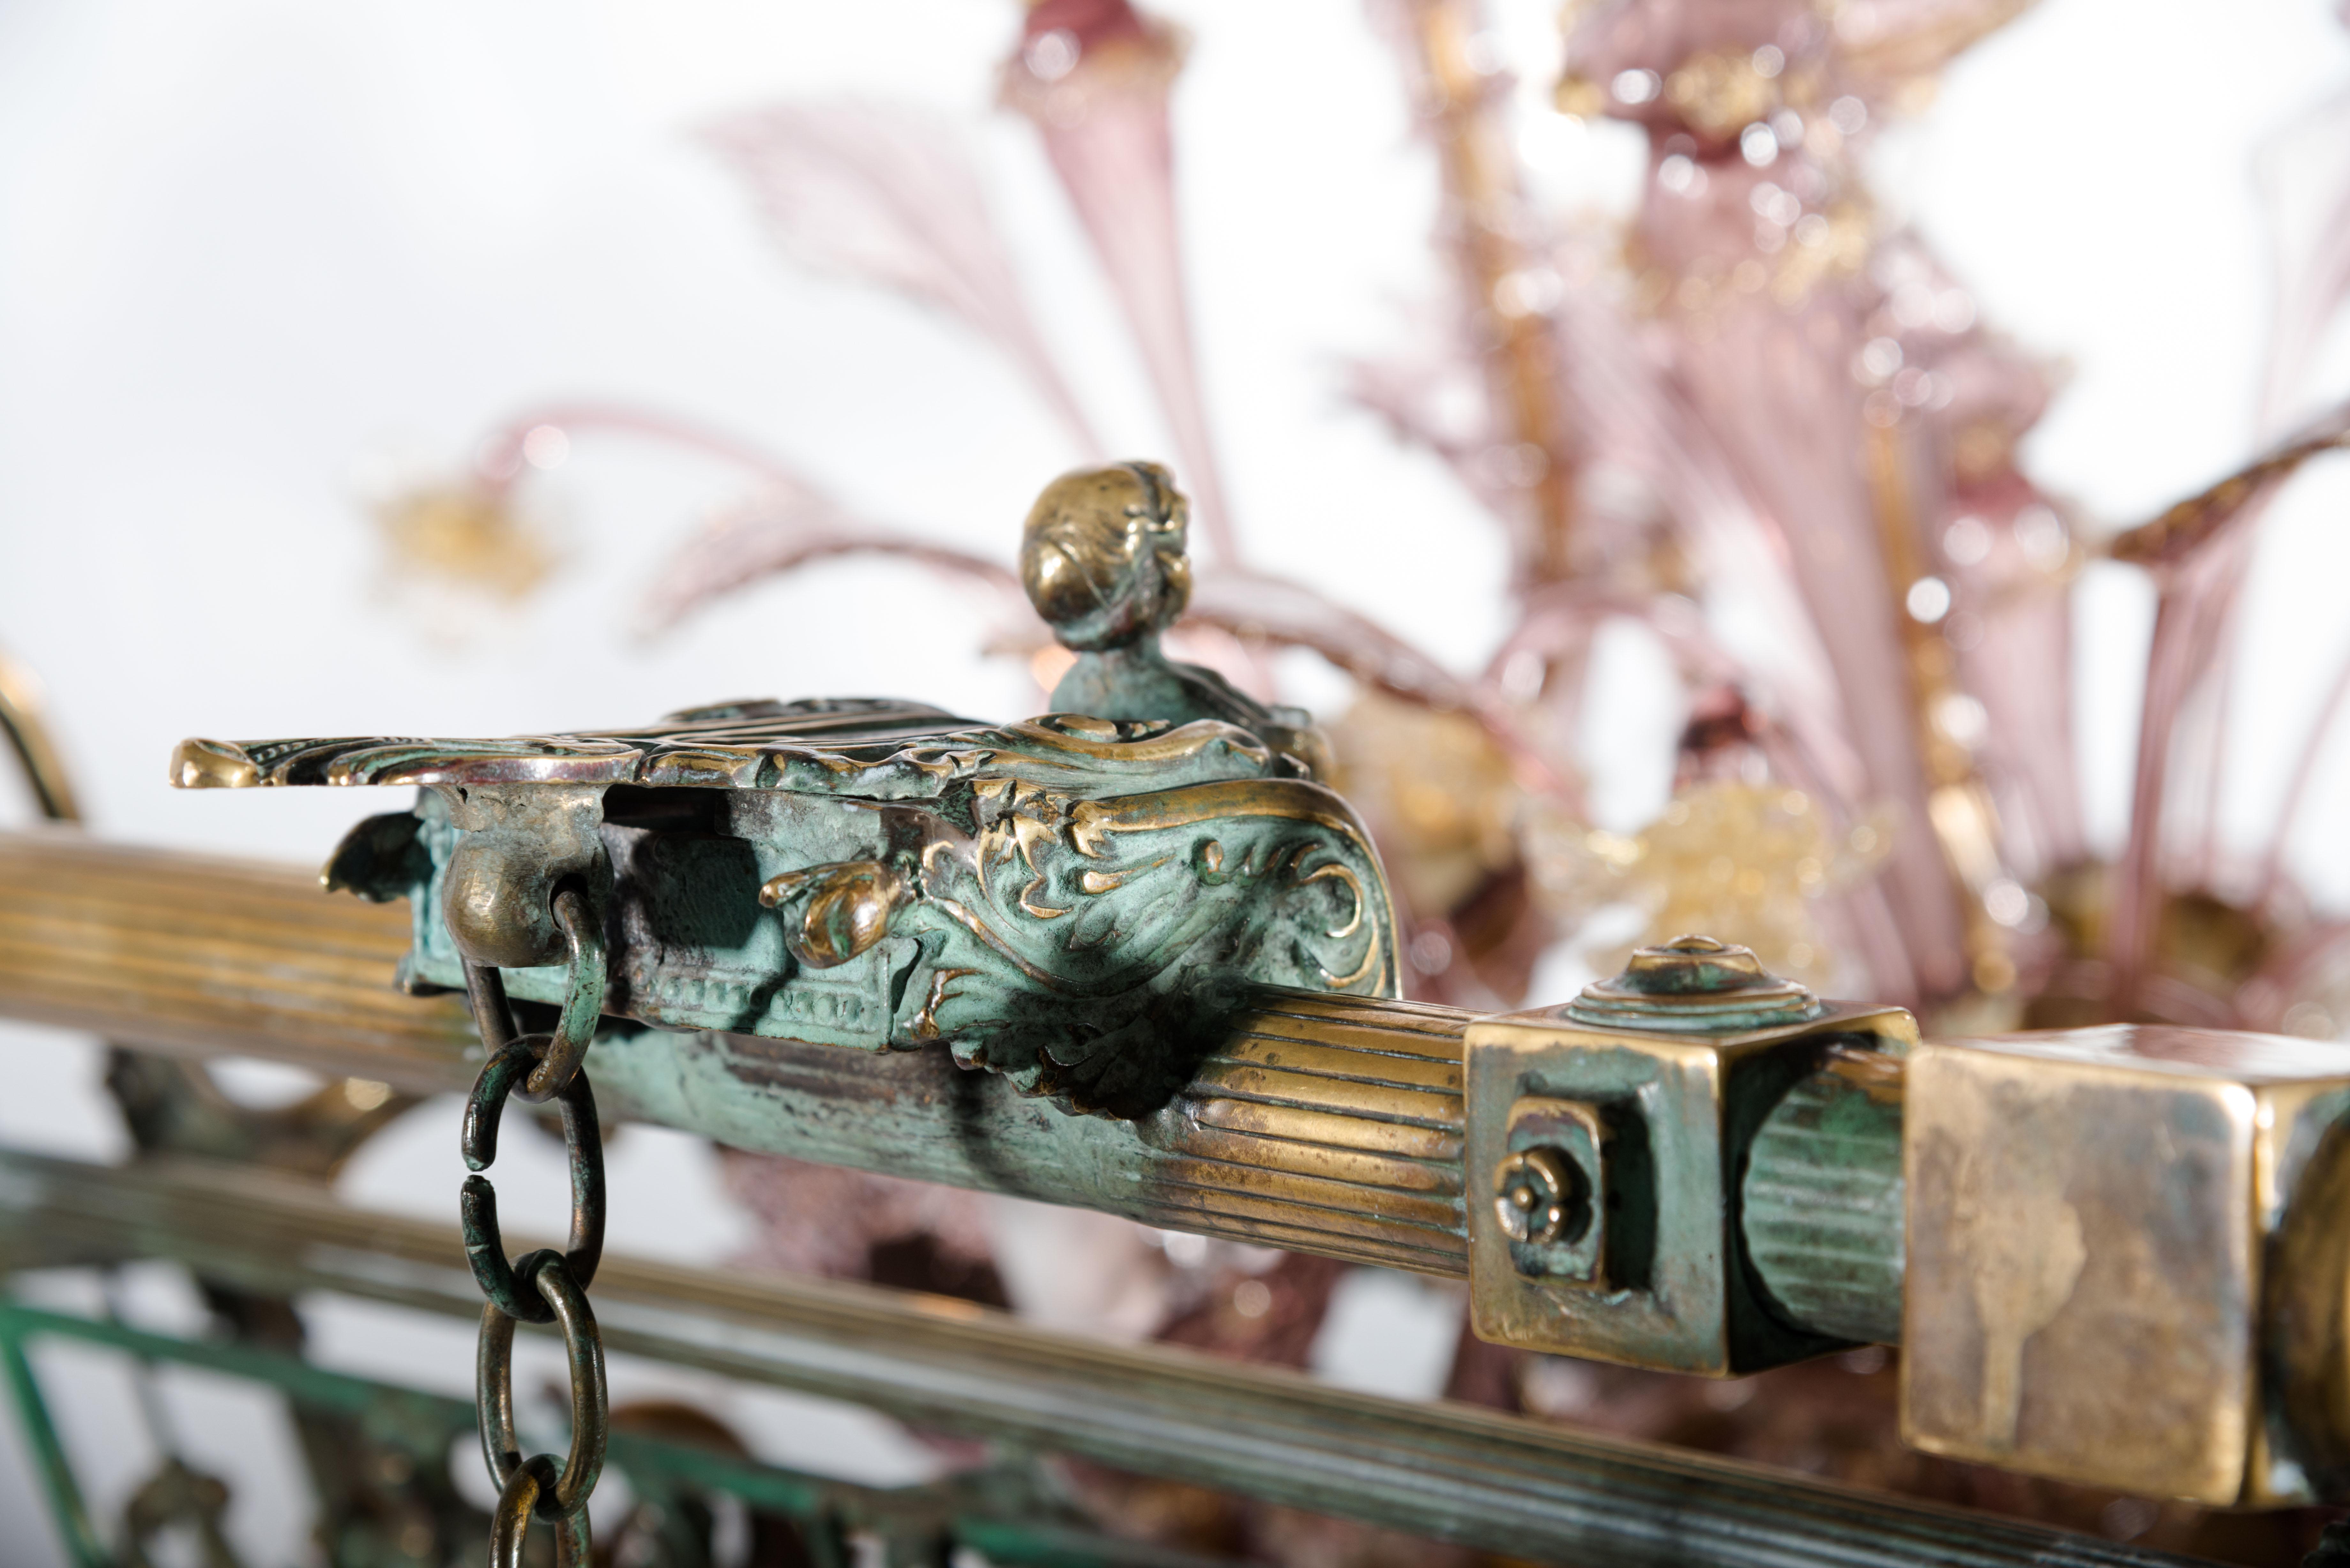 noel-christmas-chandelier-caddy-2013-veronese-7-2.jpg